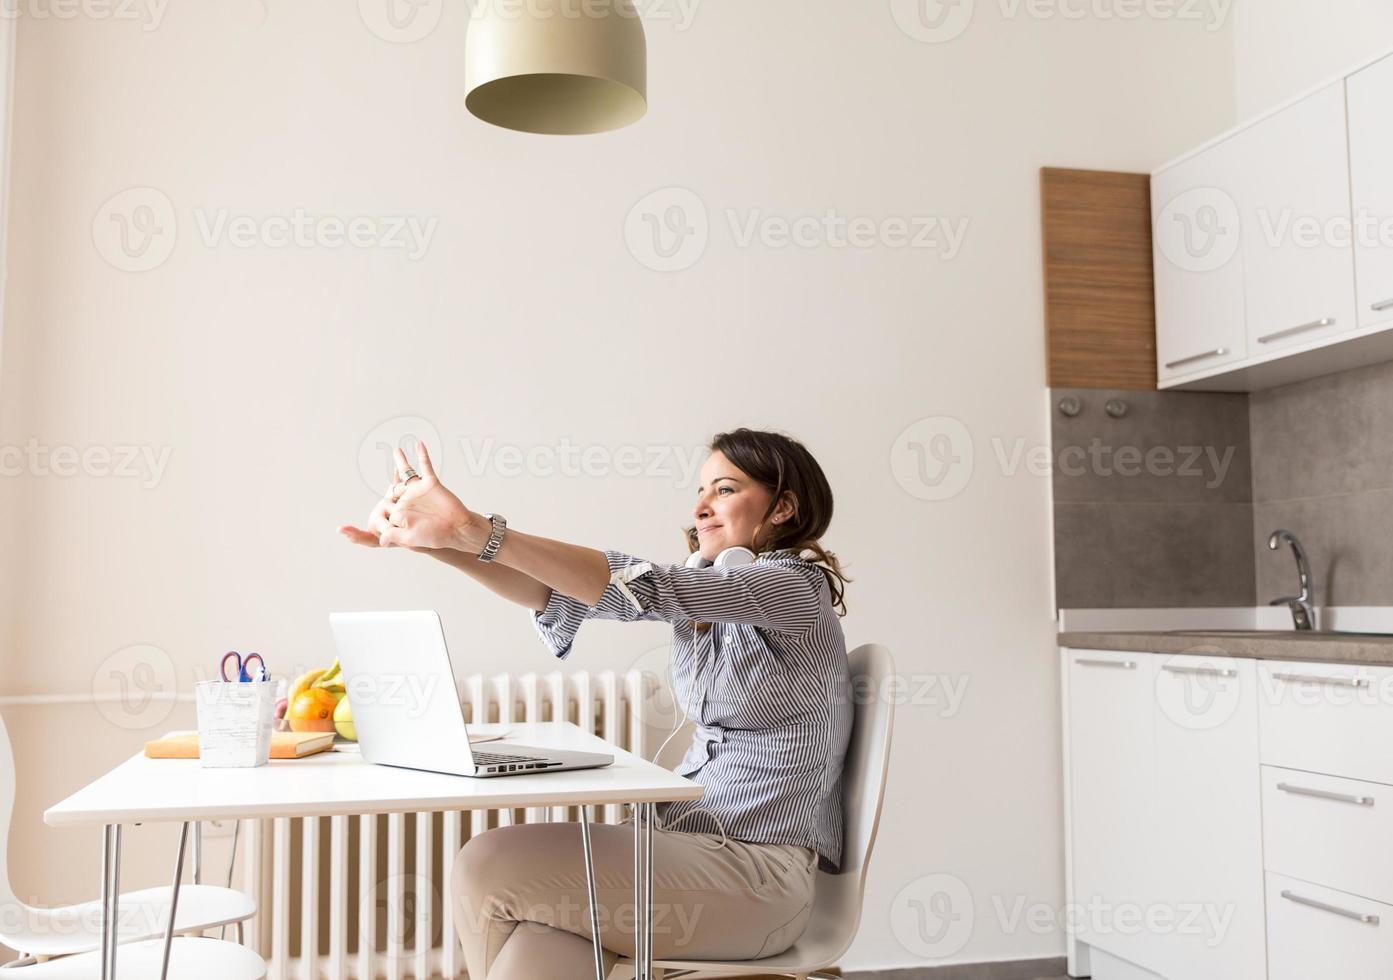 blogueira feminina foto